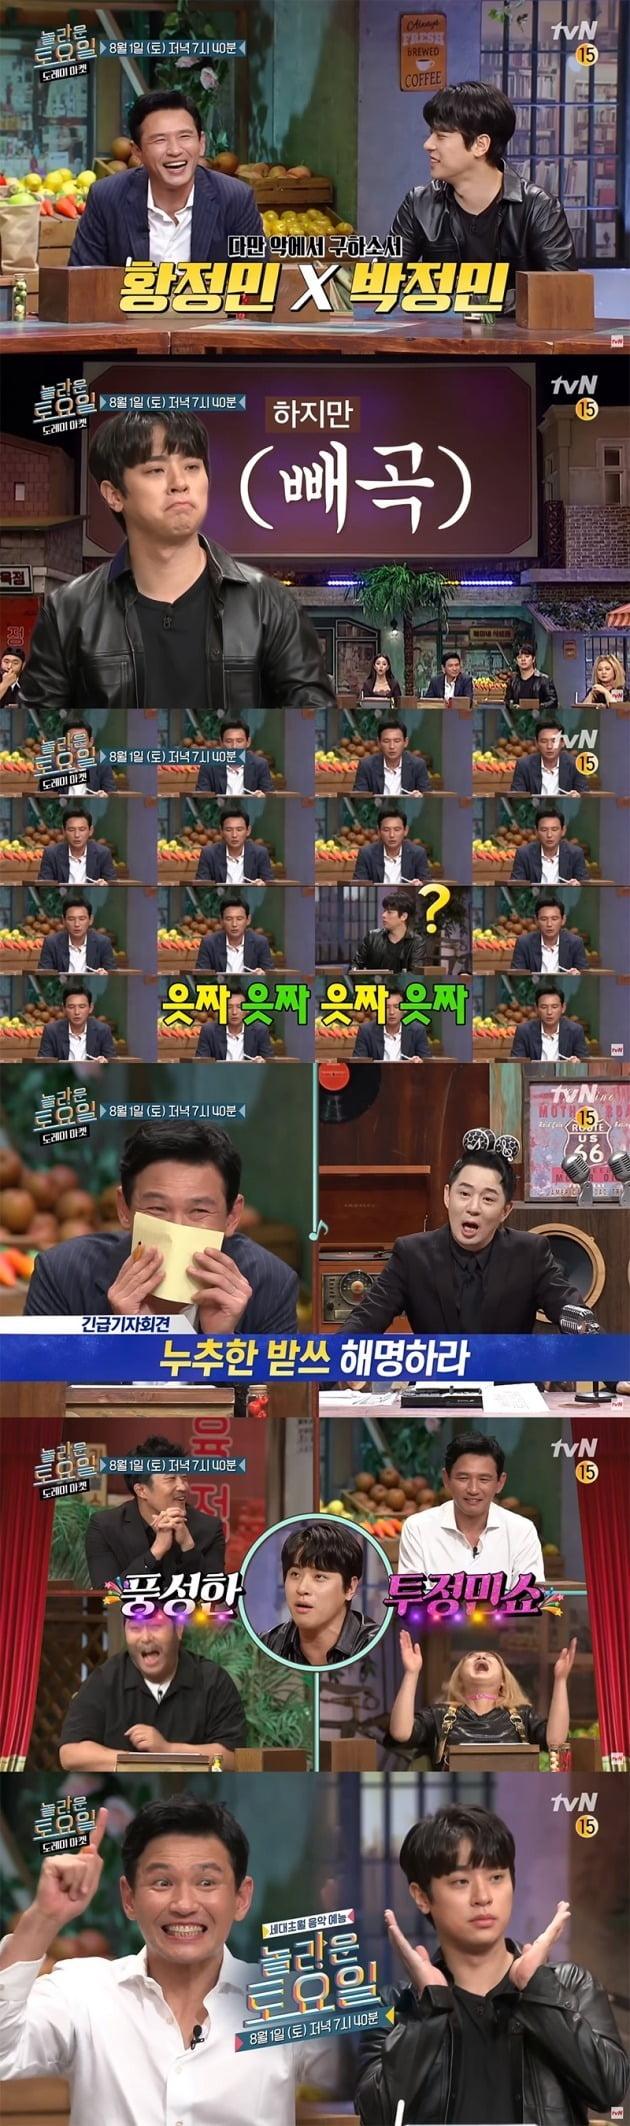 황정민, 박정민이 '놀라운 토요일'에 출연한다. / 사진=tvN 방송 예고편 캡처